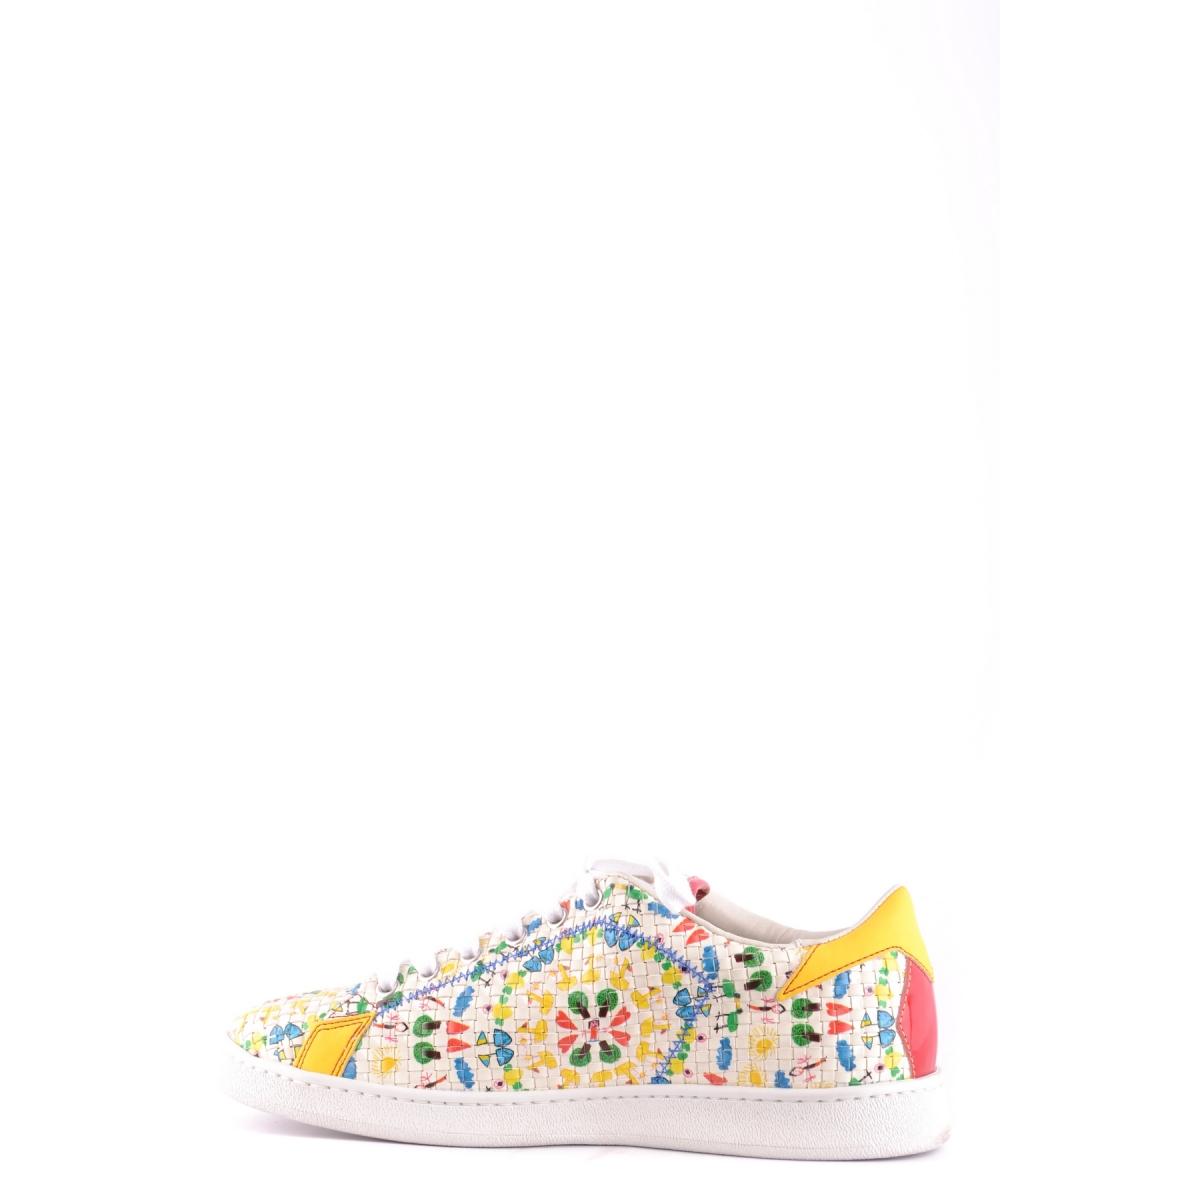 Billig Qualität gute Qualität Billig Schuhe L4K3 32699DE -40% fab8a6